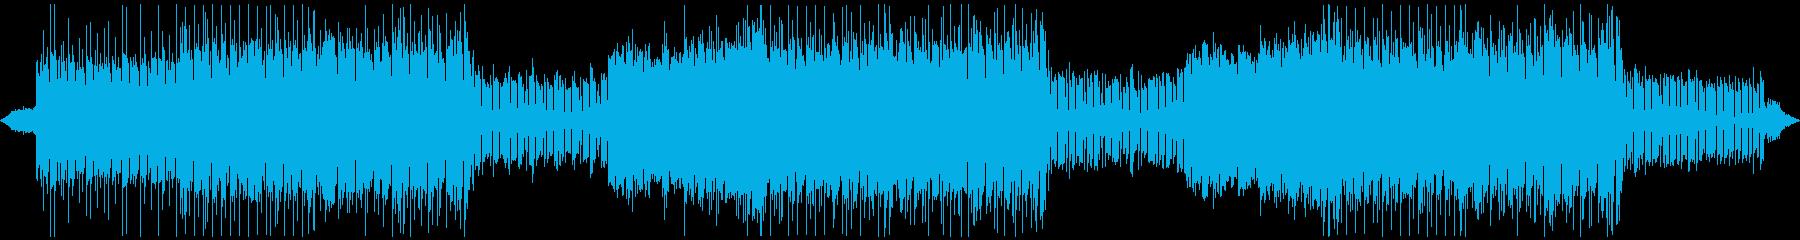 派手に盛り上がるOP・ヘビーメタルロックの再生済みの波形